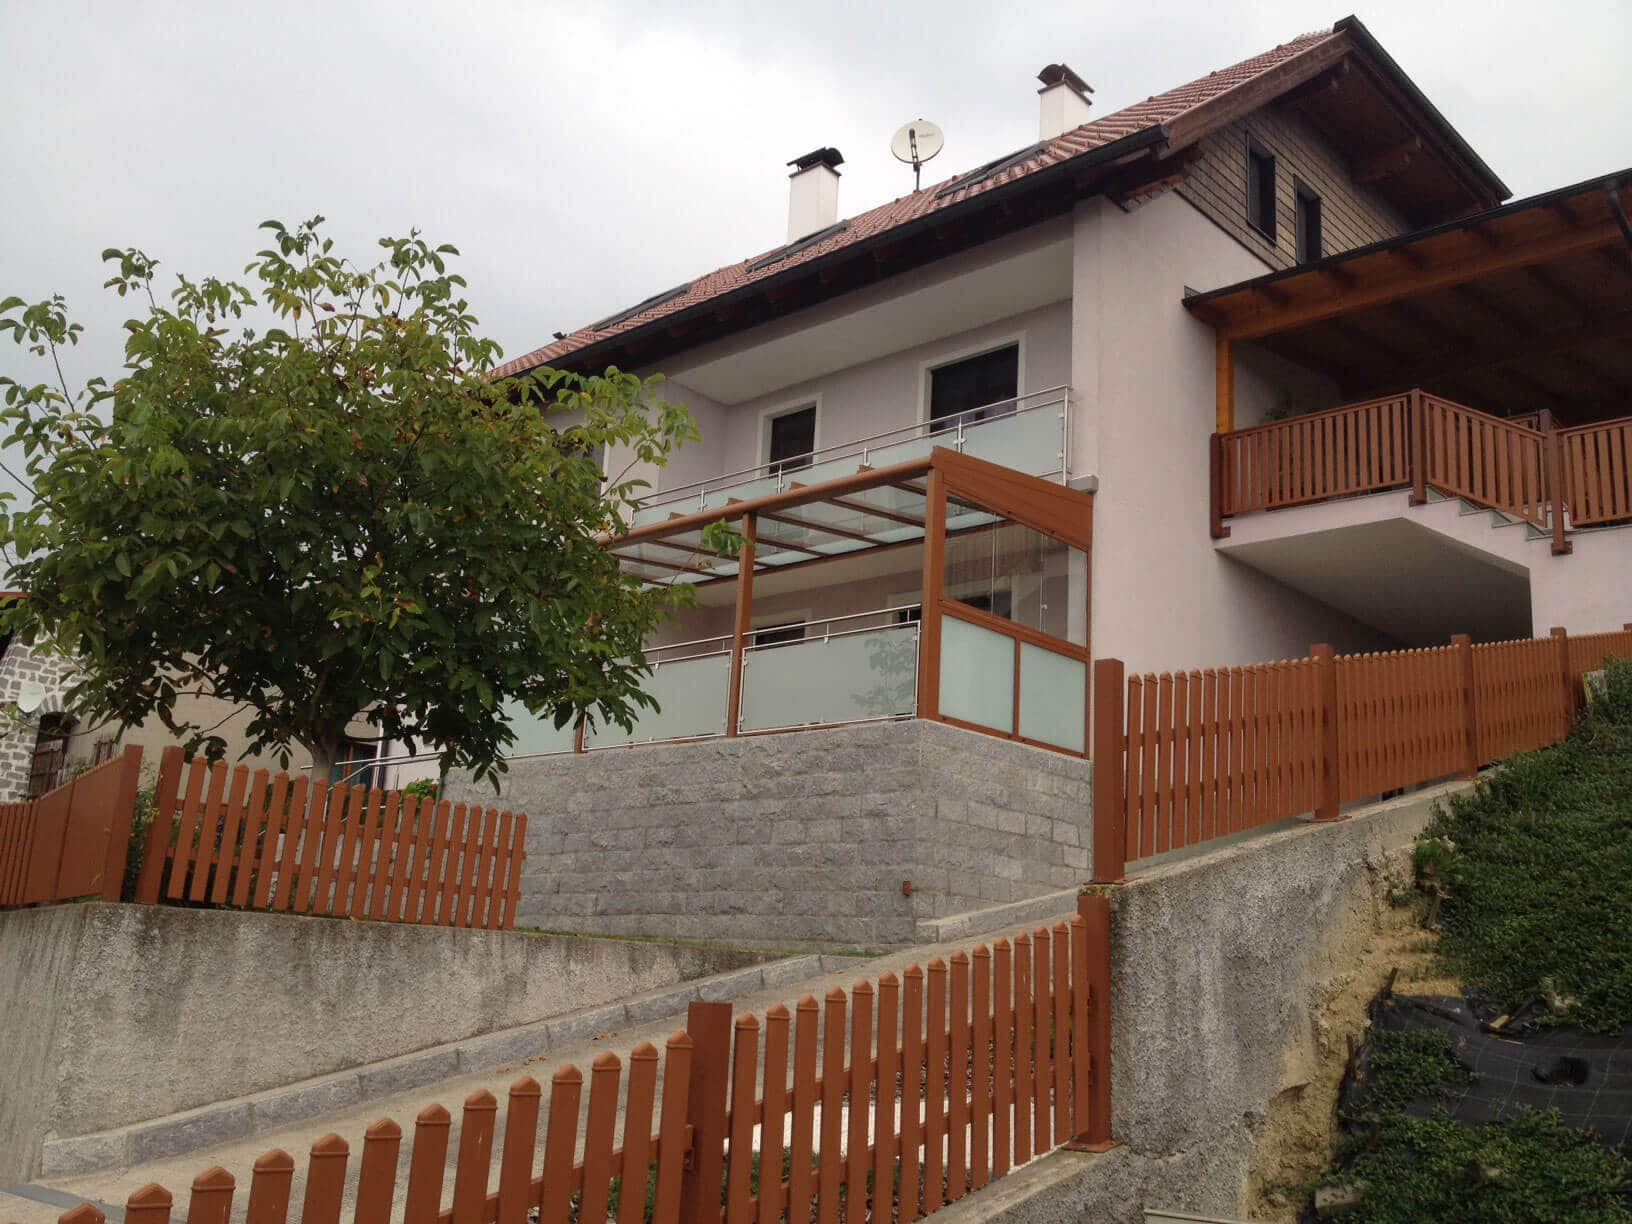 Ockerfarbene Terrassenüberdachung